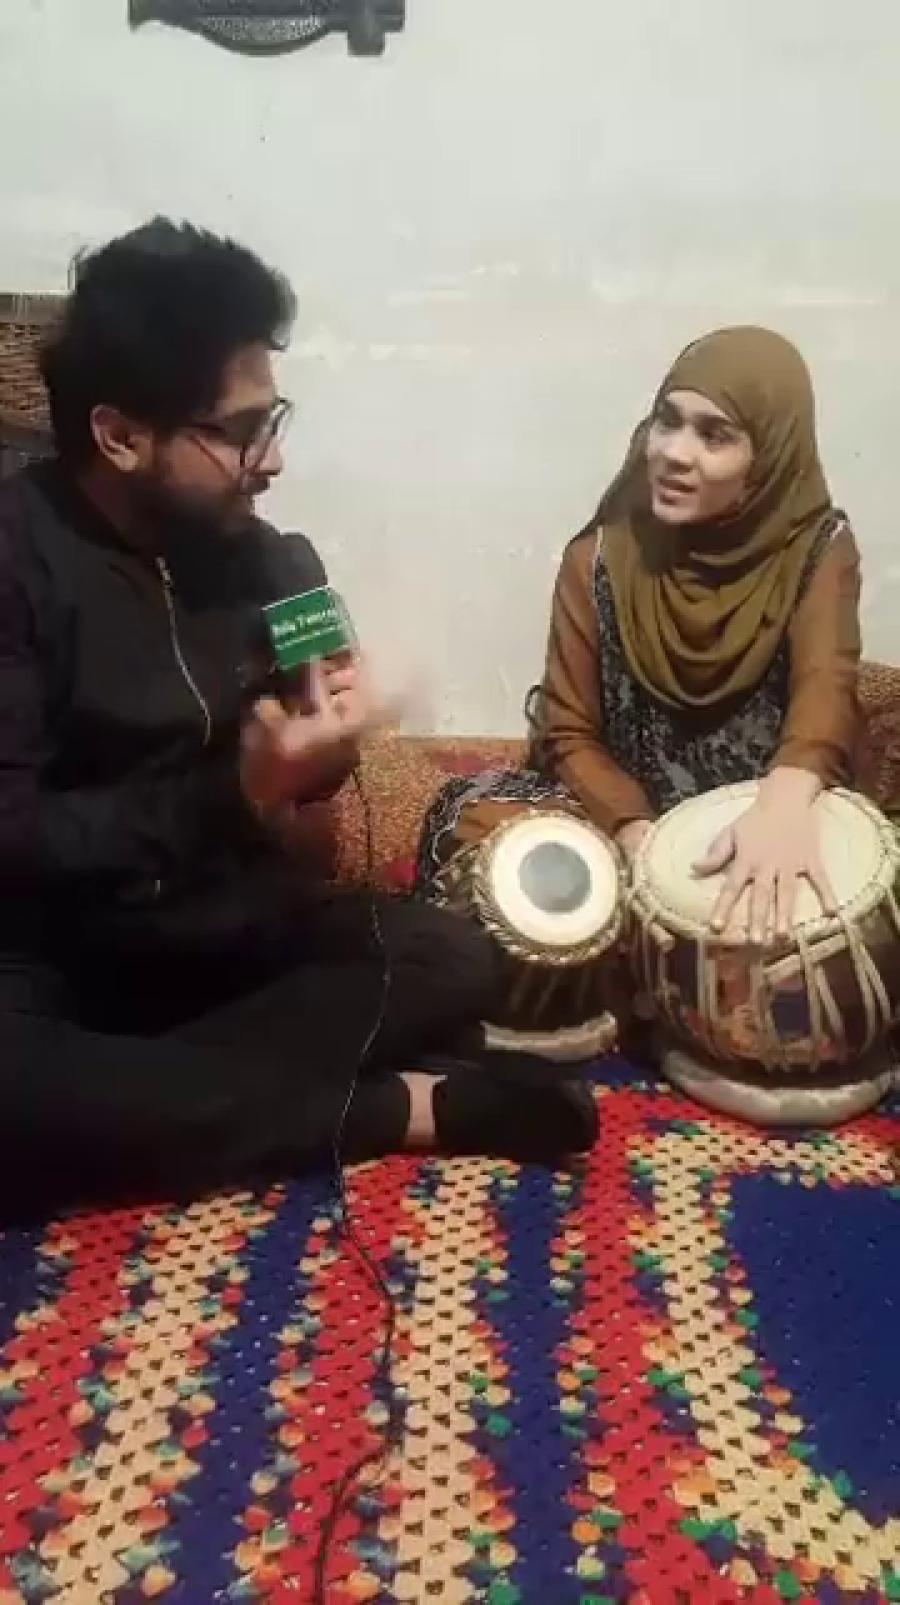 لڑکیاں بھی کسی سے کم نہیں، پہلی پاکستانی ٹیلنٹڈ لڑکی جو ایسا طبلہ بجاتی ہے کہ بڑے بڑے استاد بھی داد دینے پر مجبور ہوجائیں، منفرد ٹیلنٹ آپ بھی براہ راست دیکھئے